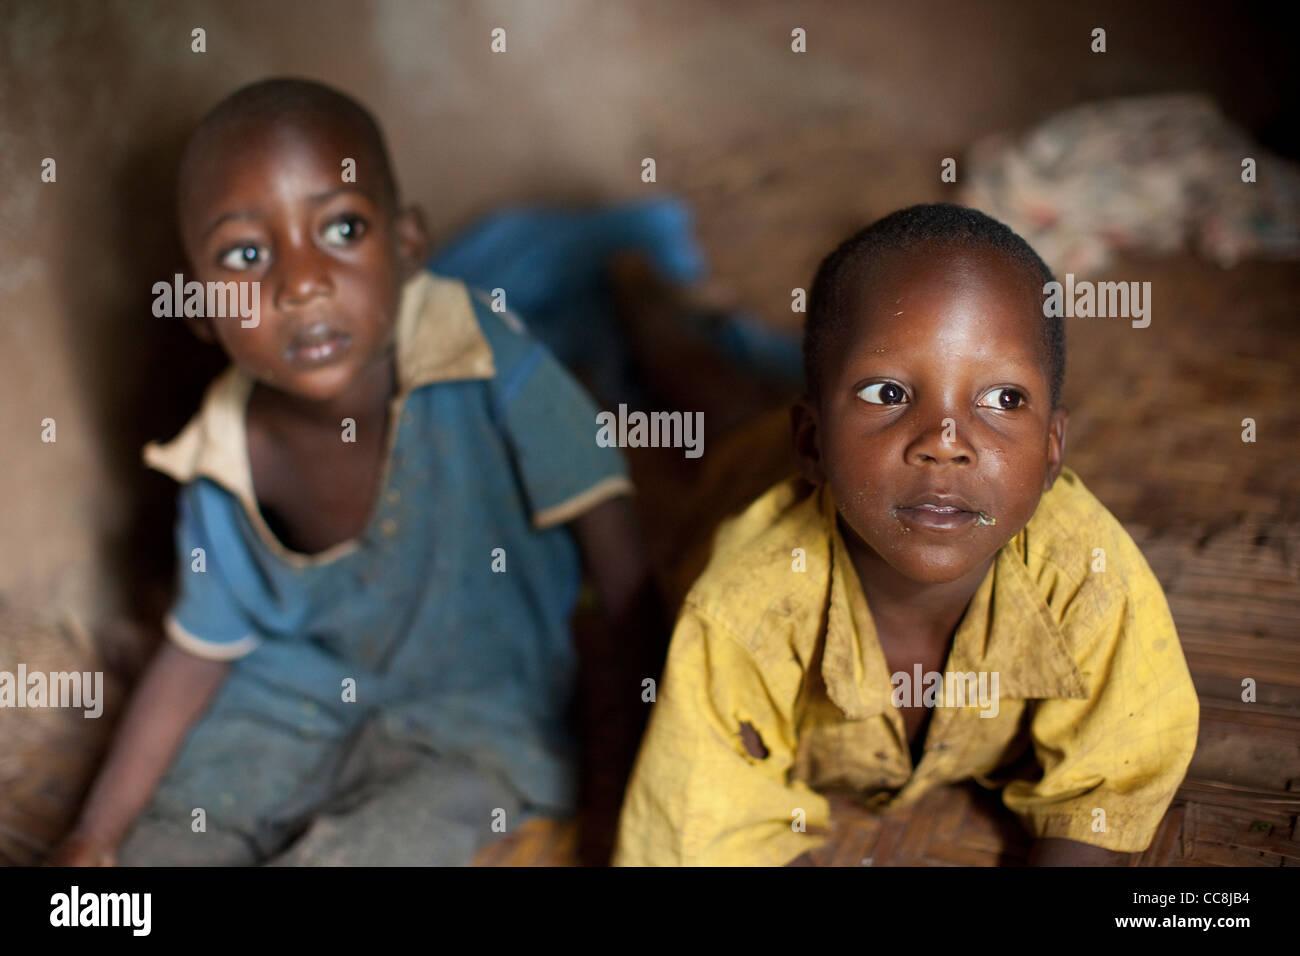 Los niños en casa de Masaka, Uganda, África Oriental. Imagen De Stock